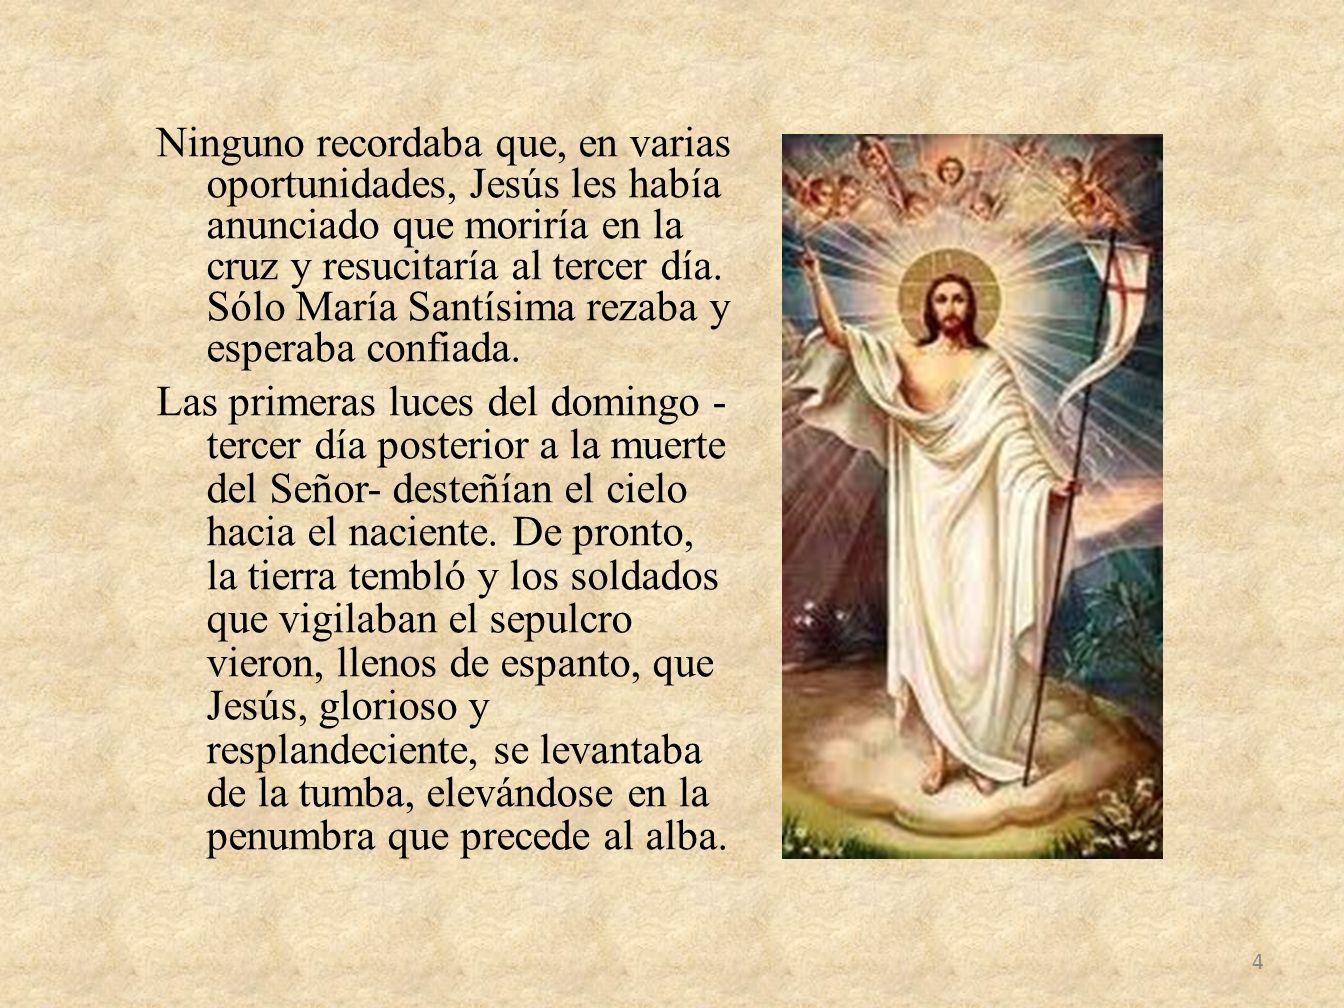 Ninguno recordaba que, en varias oportunidades, Jesús les había anunciado que moriría en la cruz y resucitaría al tercer día. Sólo María Santísima rez